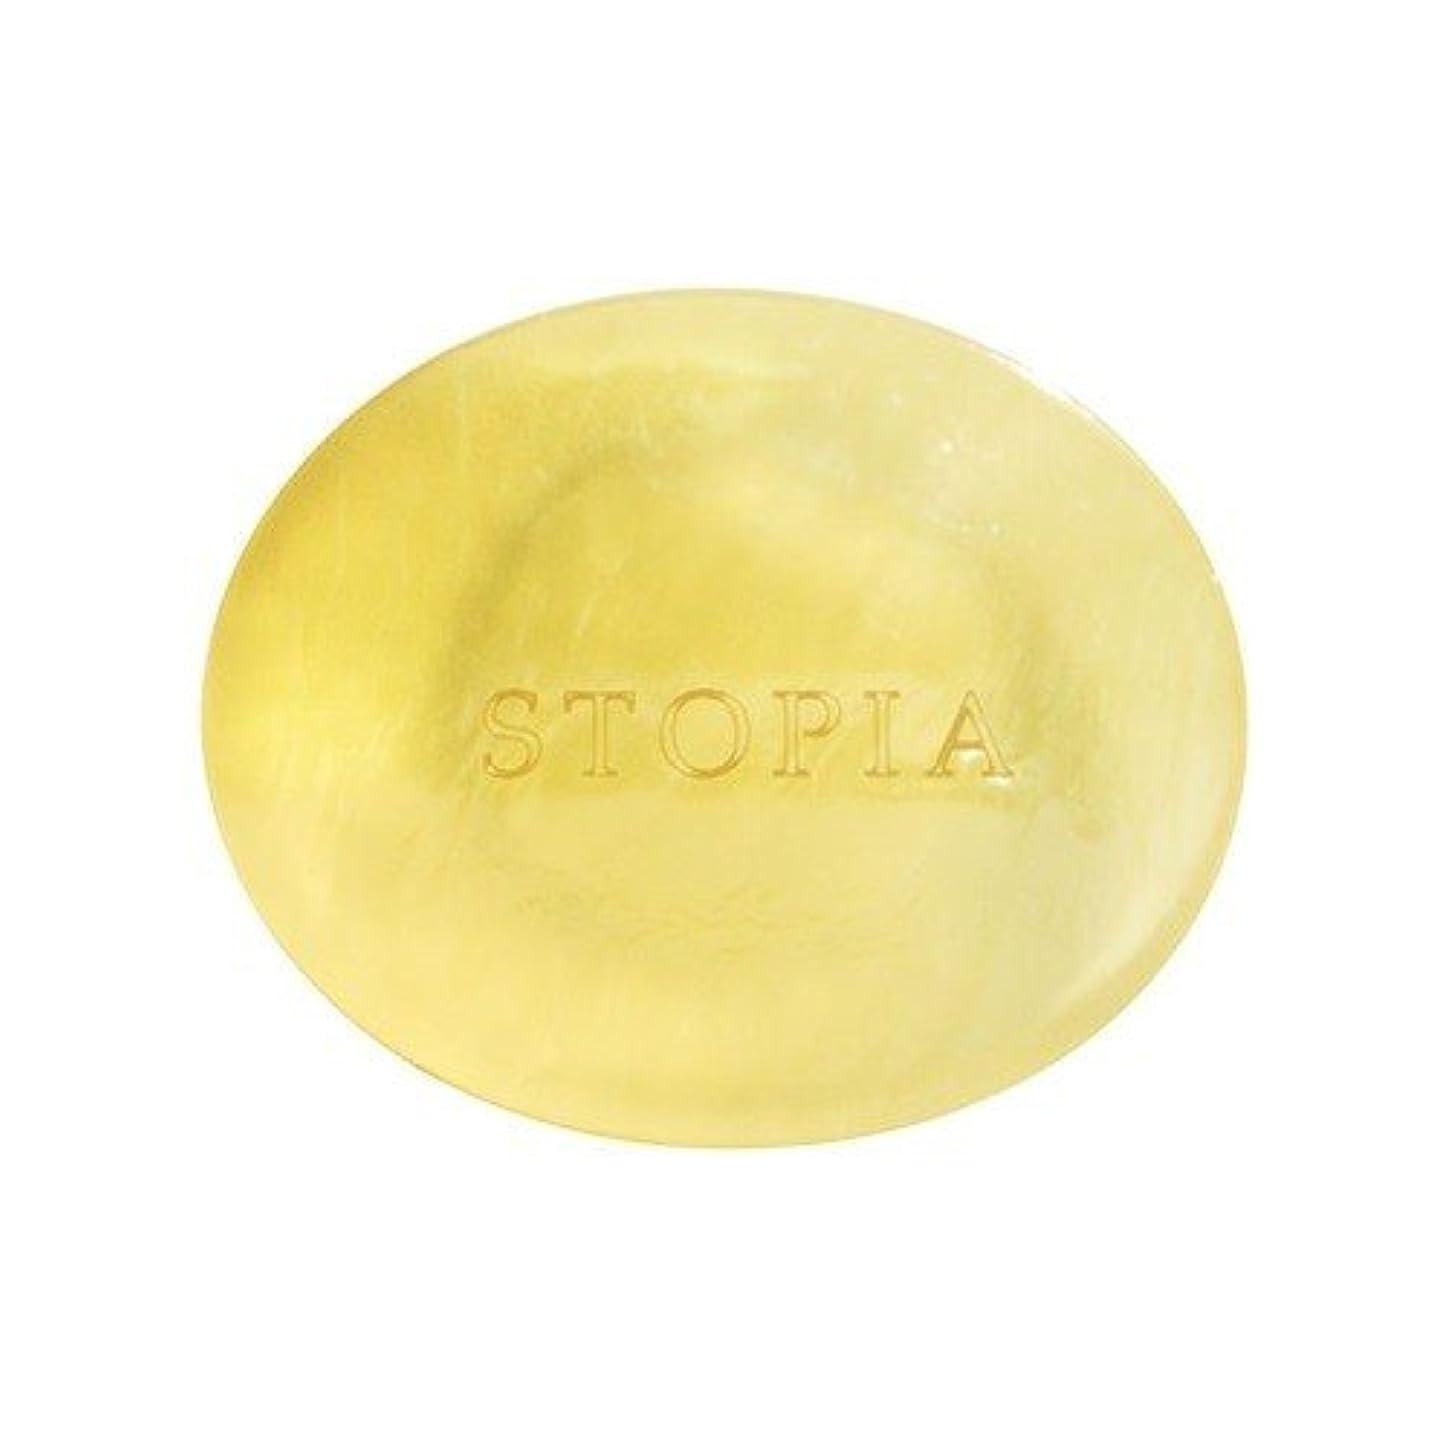 デジタルルーチン確認してくださいゲオール ストピア 薬用ソープ 医薬部外品